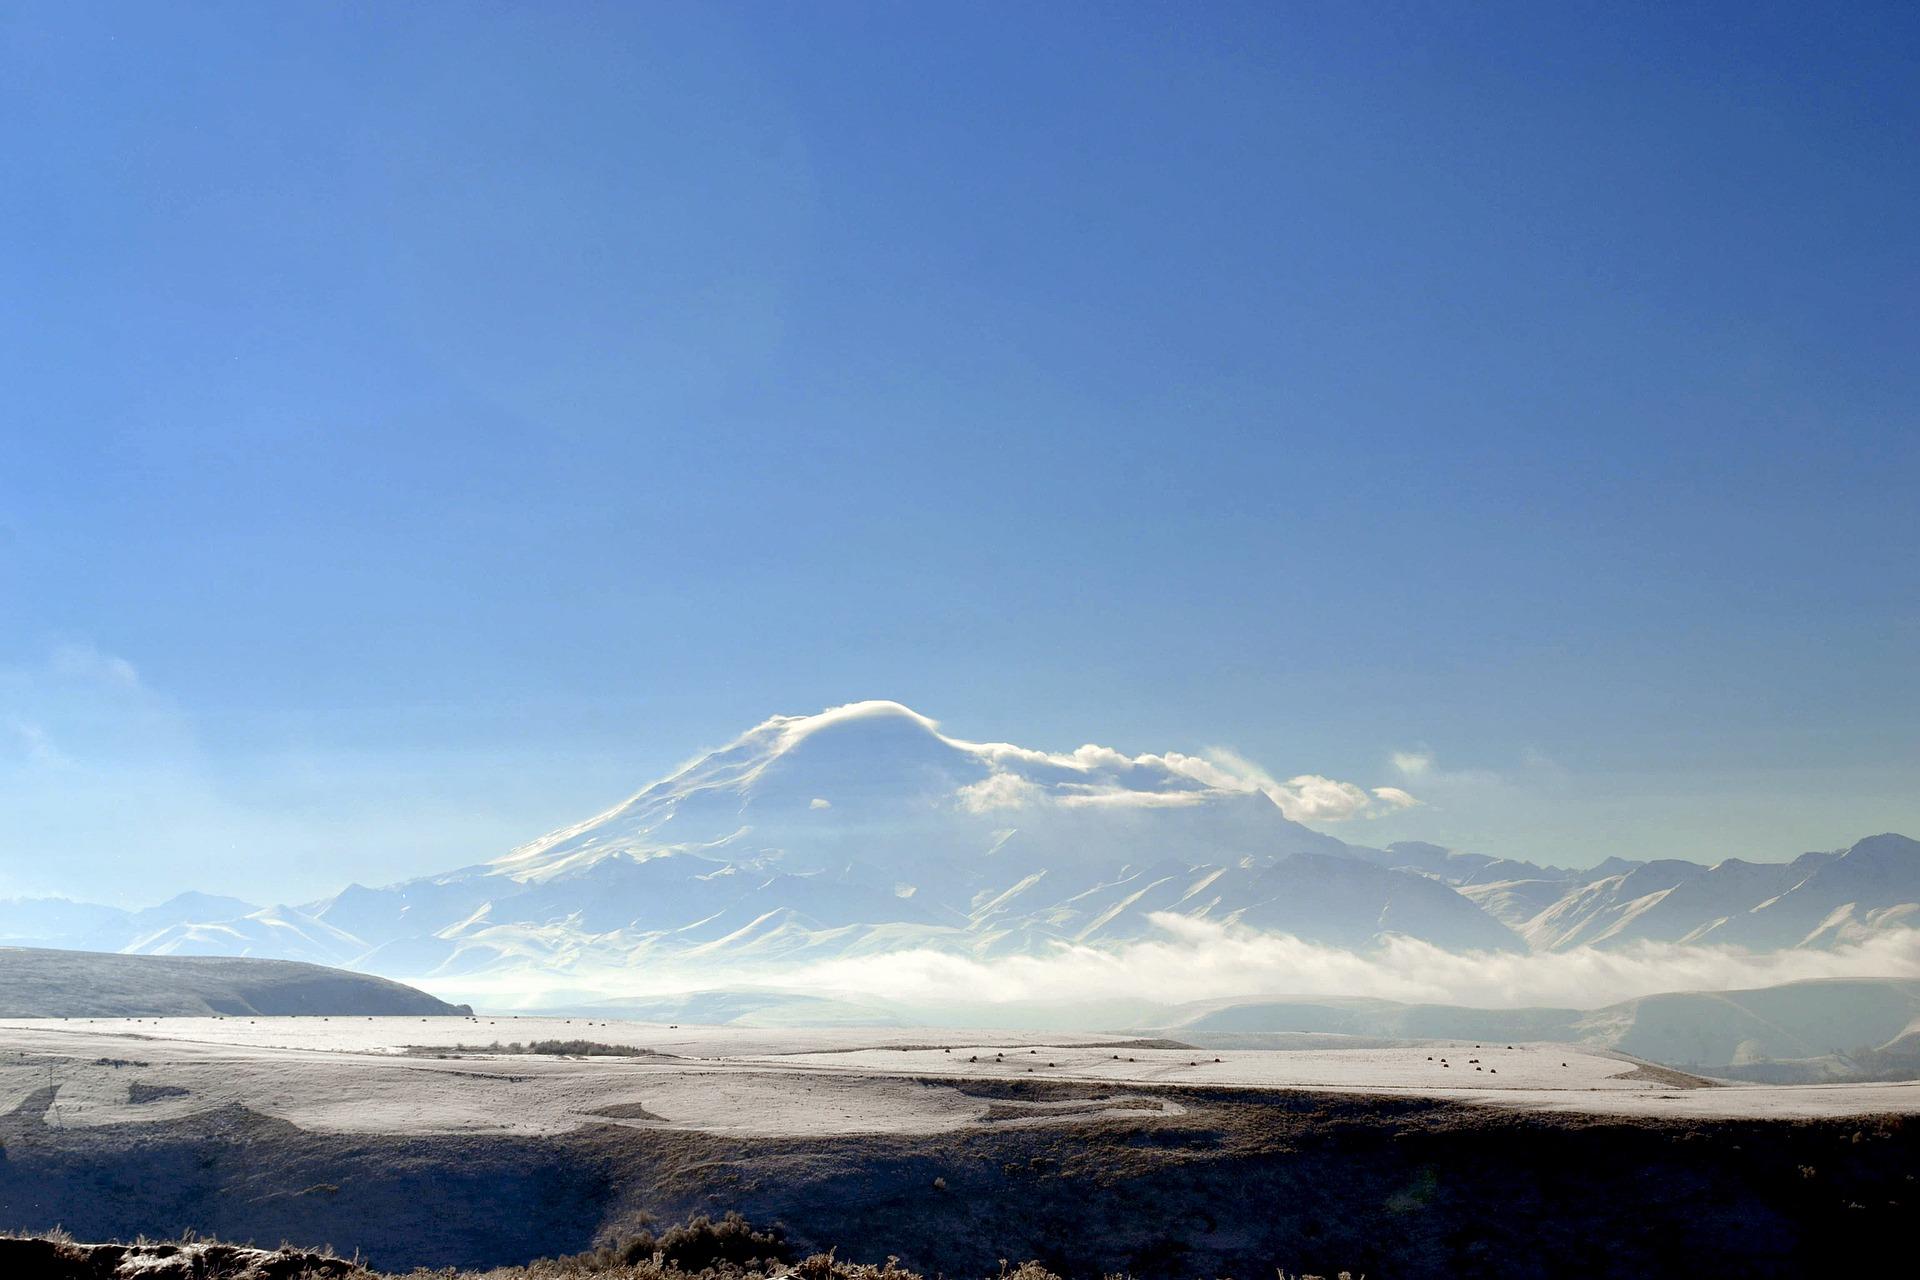 Der Elbrus (5642 m) liegt zwar in Georgien, gehört aber nicht zur Region Kachetien. Dennoch liegt die Region im Großen Kaukasus